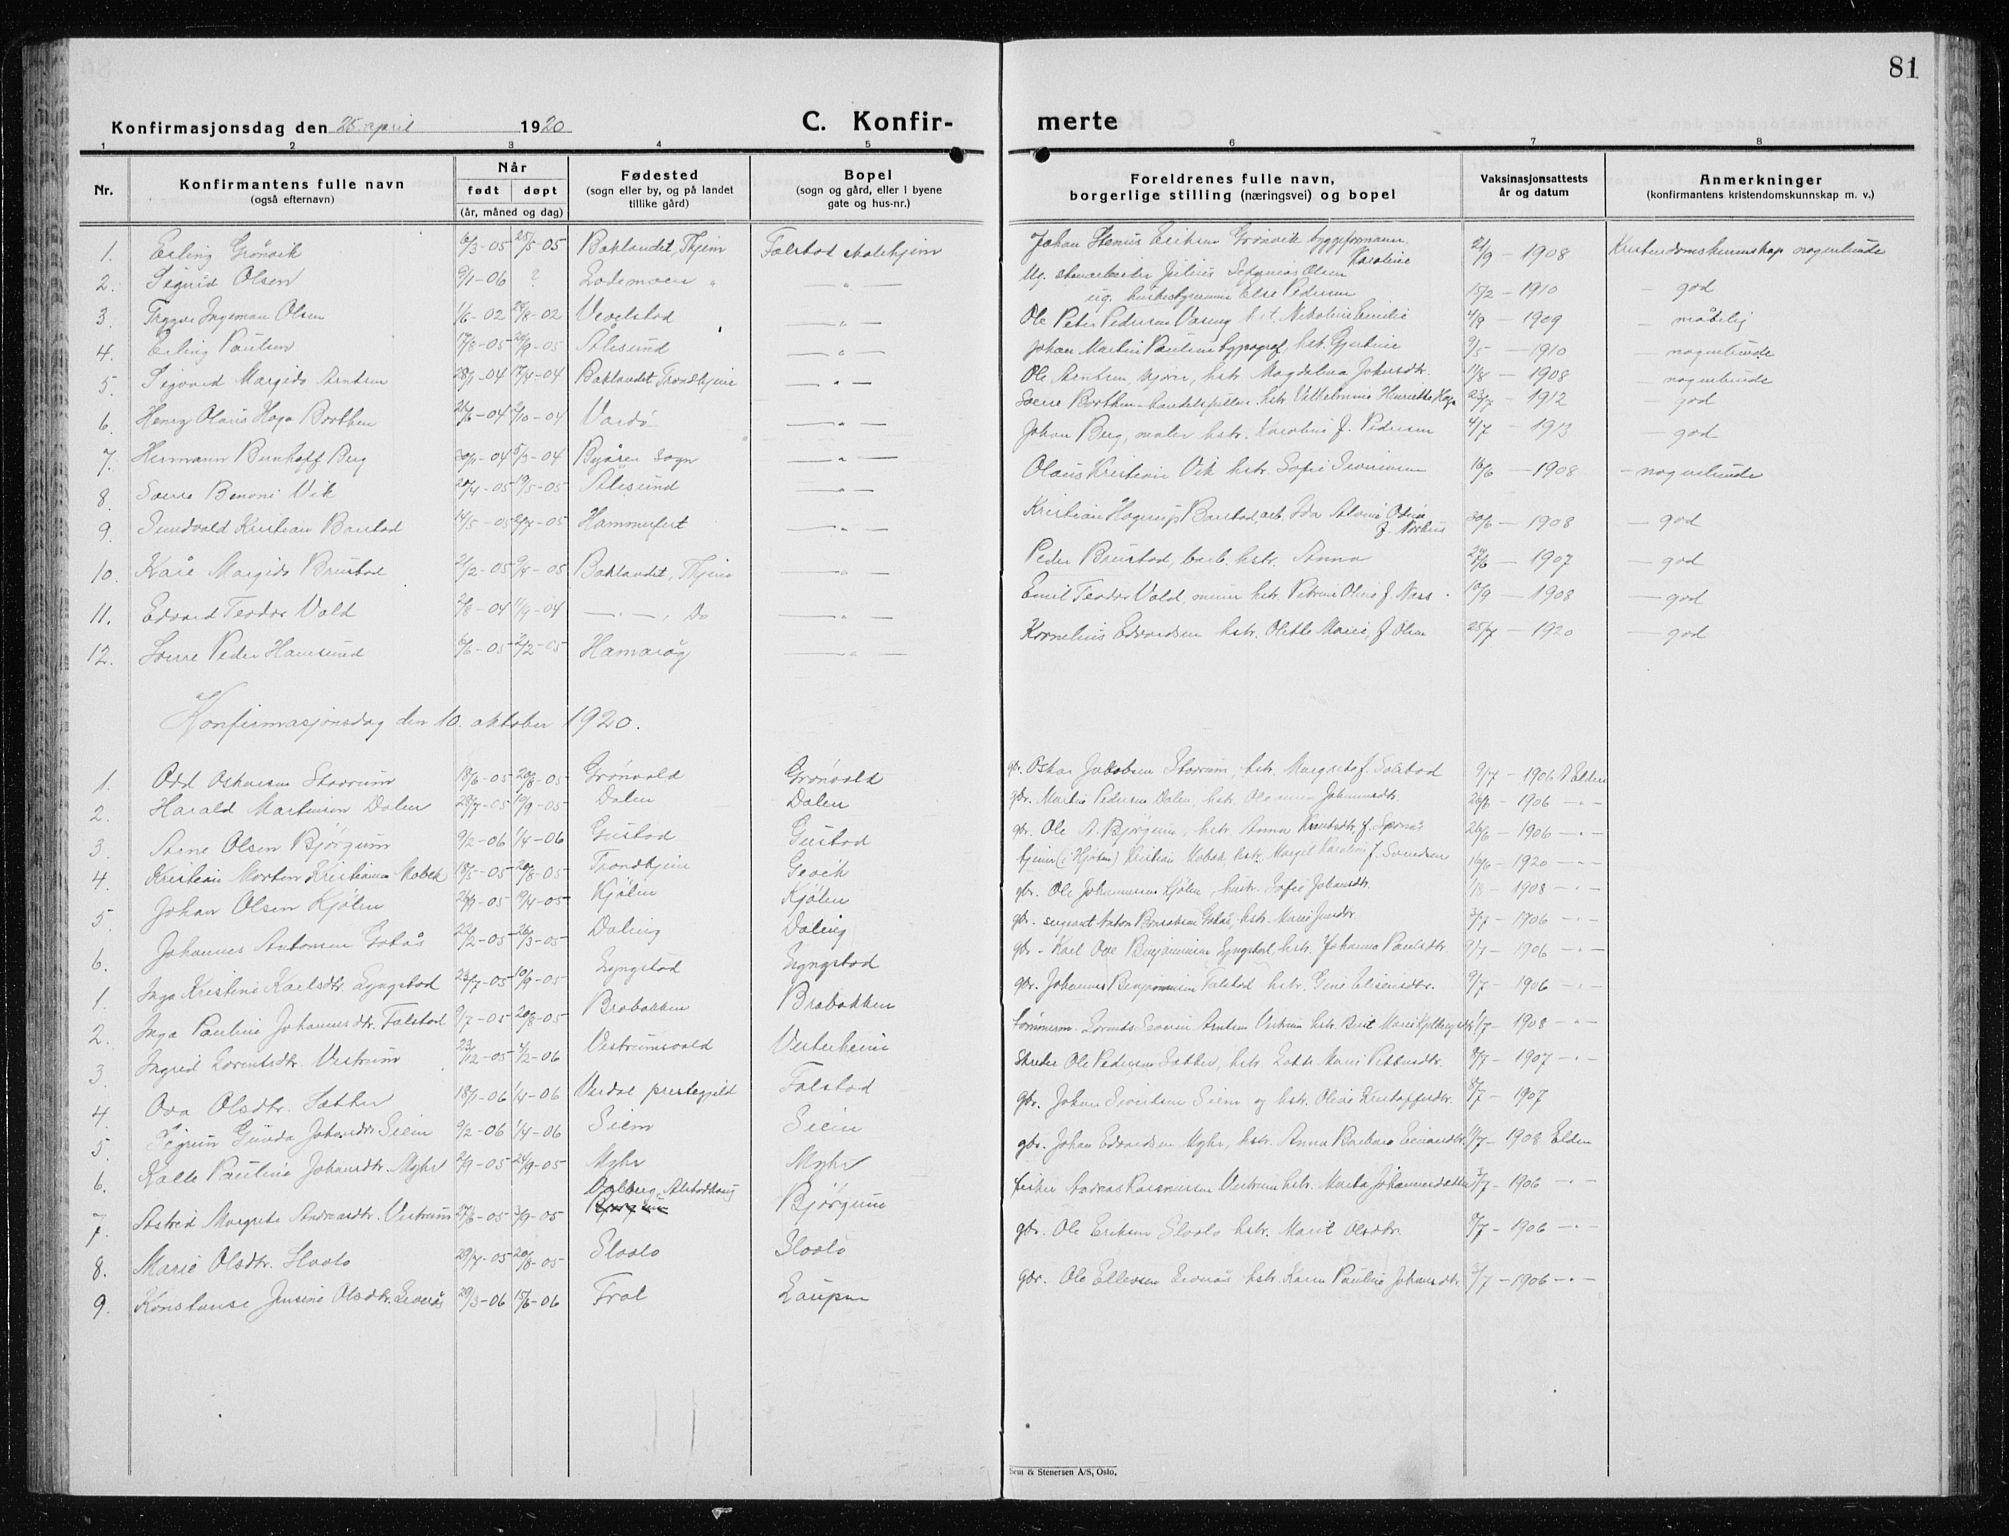 SAT, Ministerialprotokoller, klokkerbøker og fødselsregistre - Nord-Trøndelag, 719/L0180: Klokkerbok nr. 719C01, 1878-1940, s. 81